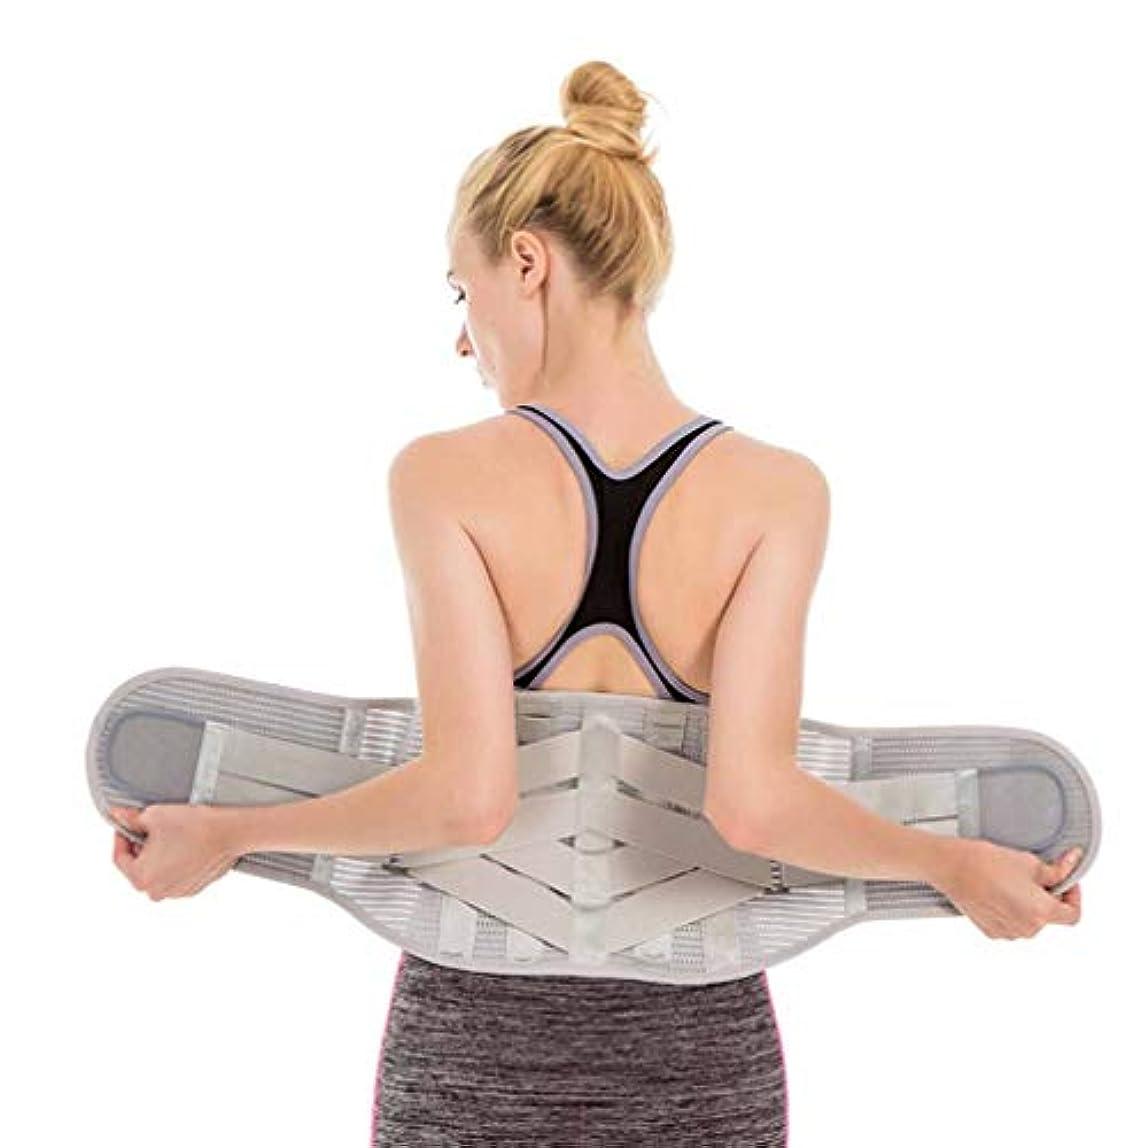 カウントアップ飢え活性化保温性のある腰部調節可能なサポートバックベルトブレースの痛みを軽減するセルフヒート-Rustle666